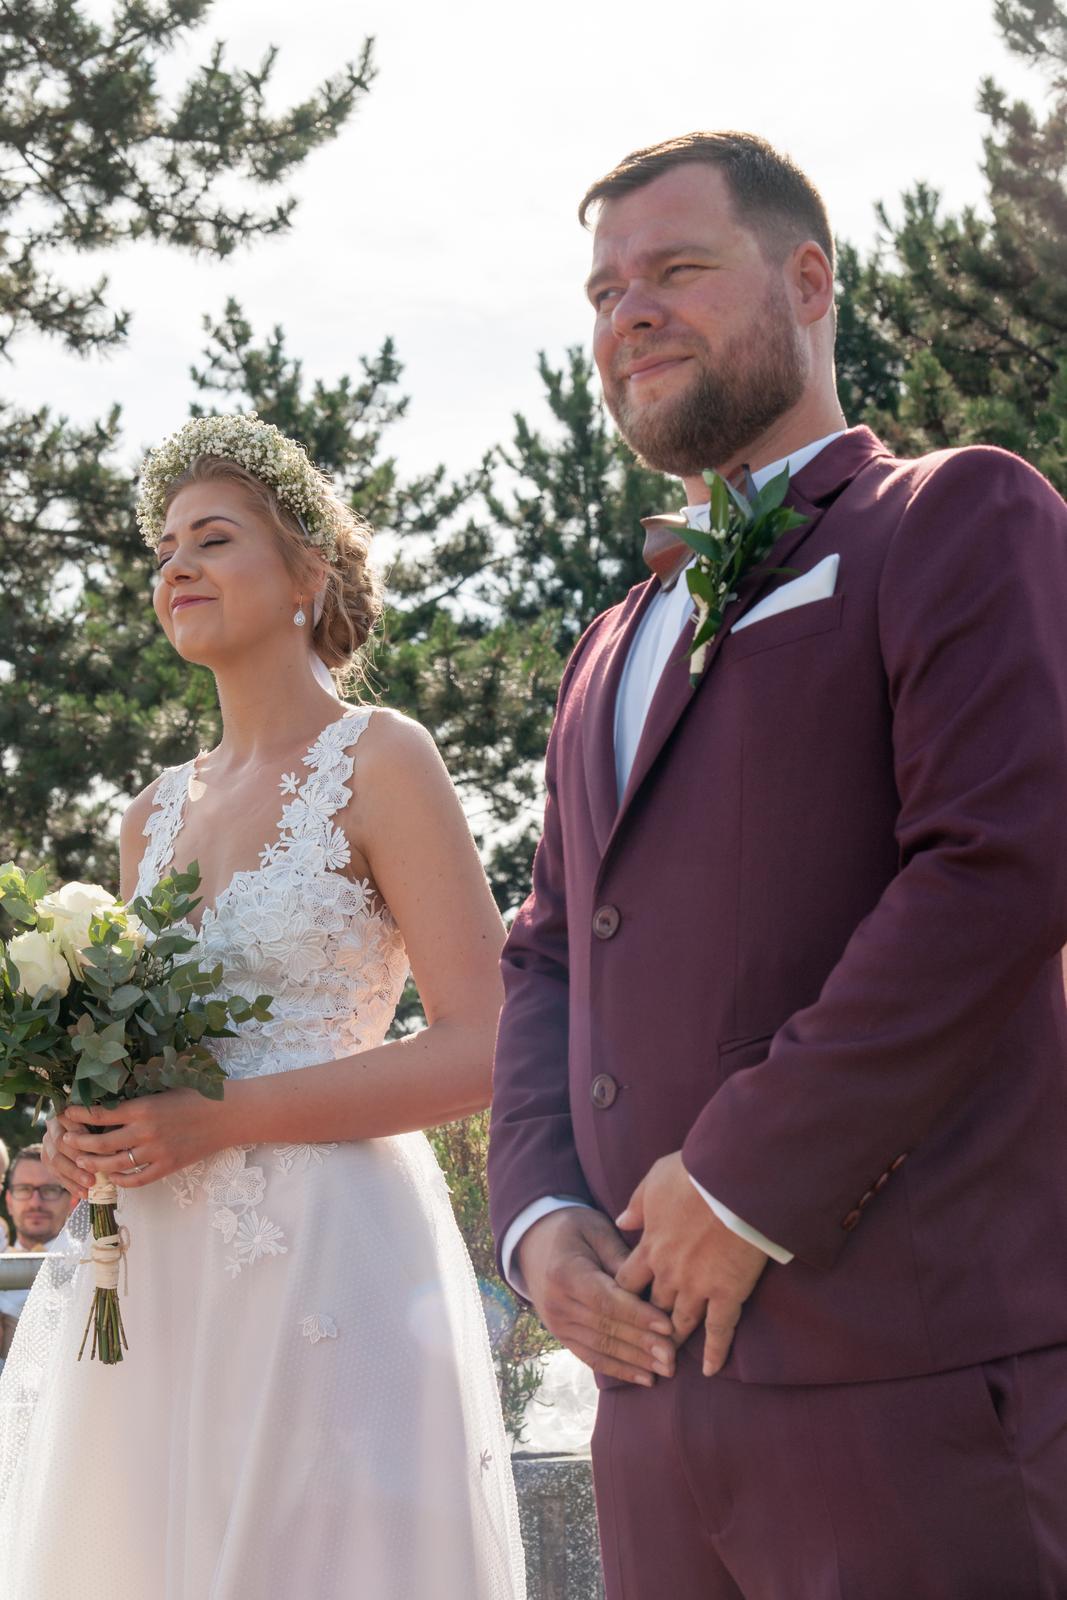 Kreatívny ženích značky Peter & Lucia - Dušan a jeho bordový oblek 👌